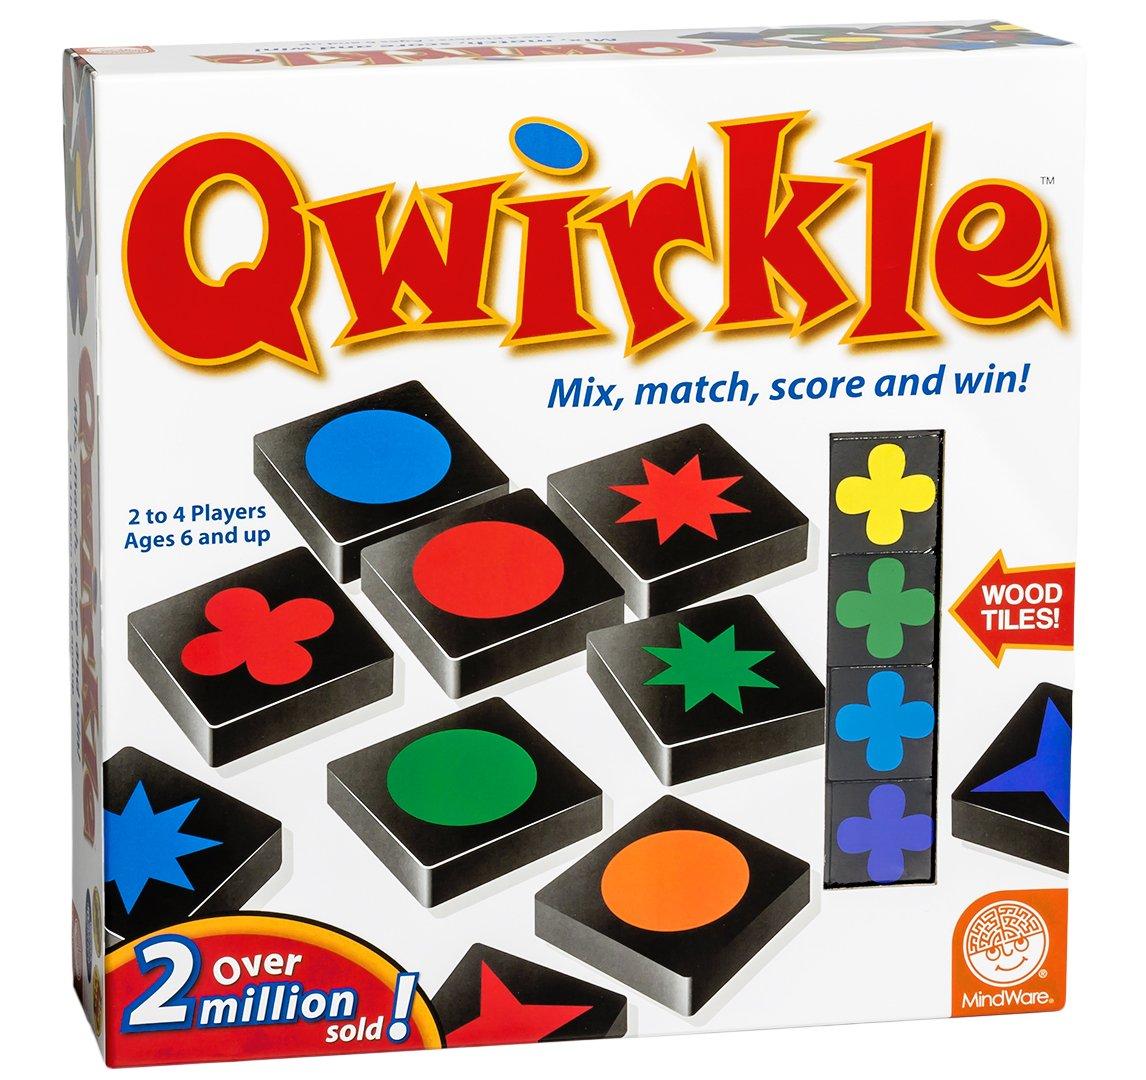 Jeu de société - Qwirkle Game product image